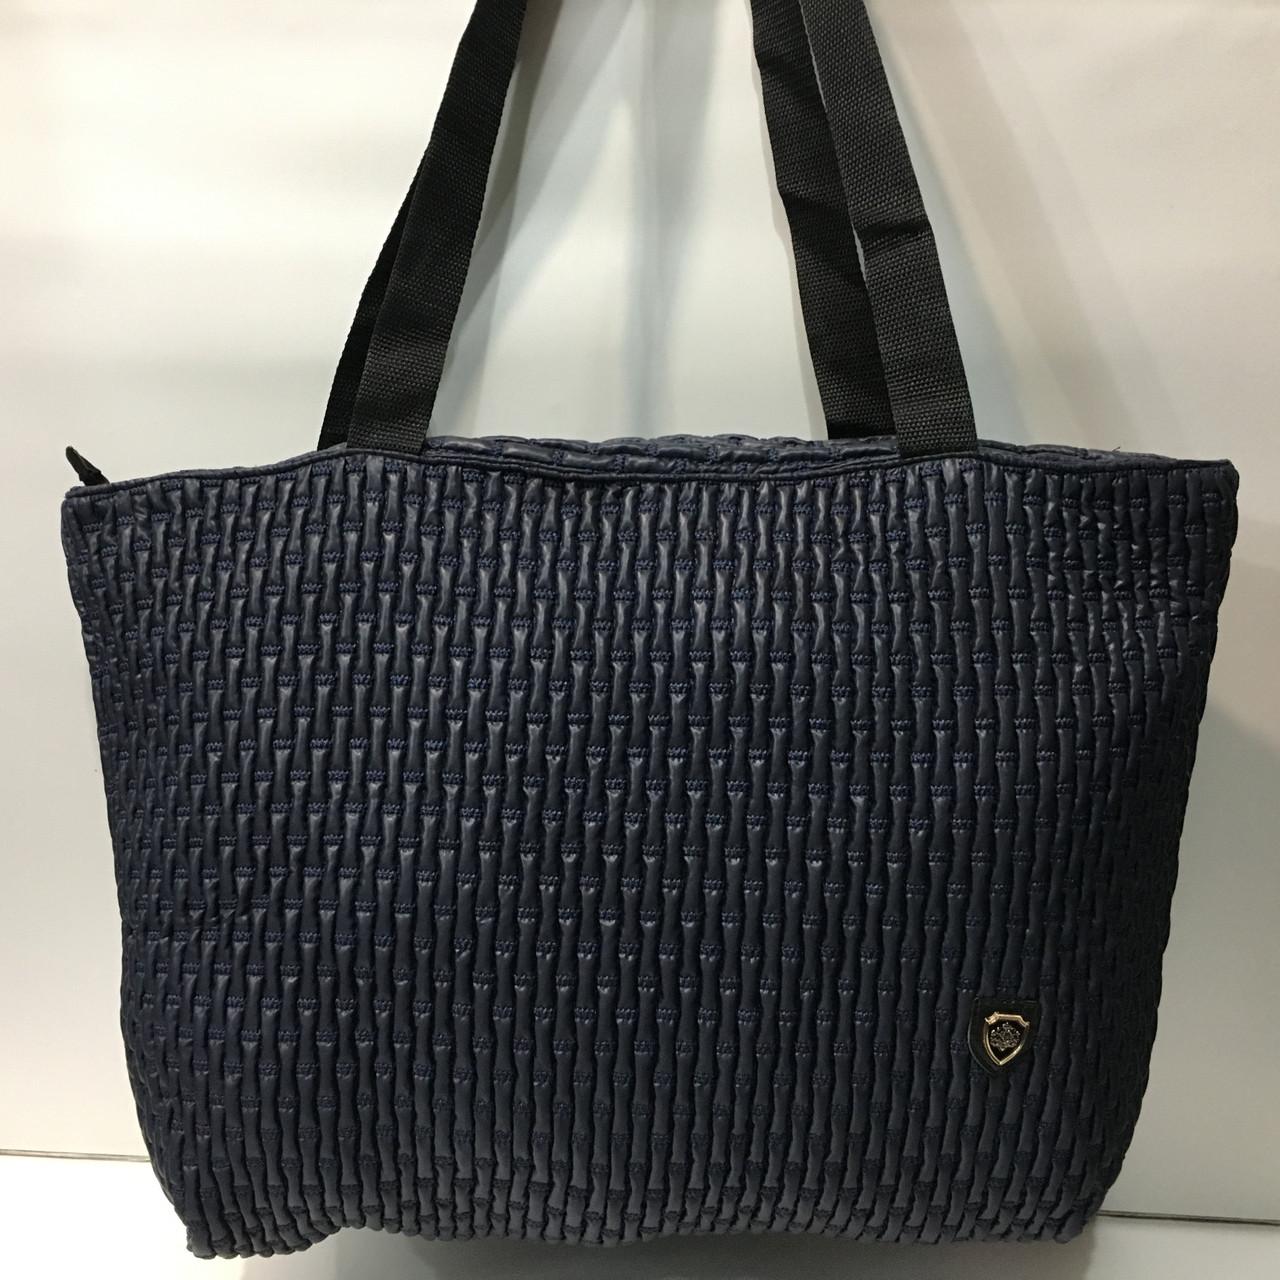 176e29aa0524 Стильная стеганая болоньевая сумка. Модная женская сумка. Удобная,  вместительная сумка оптом